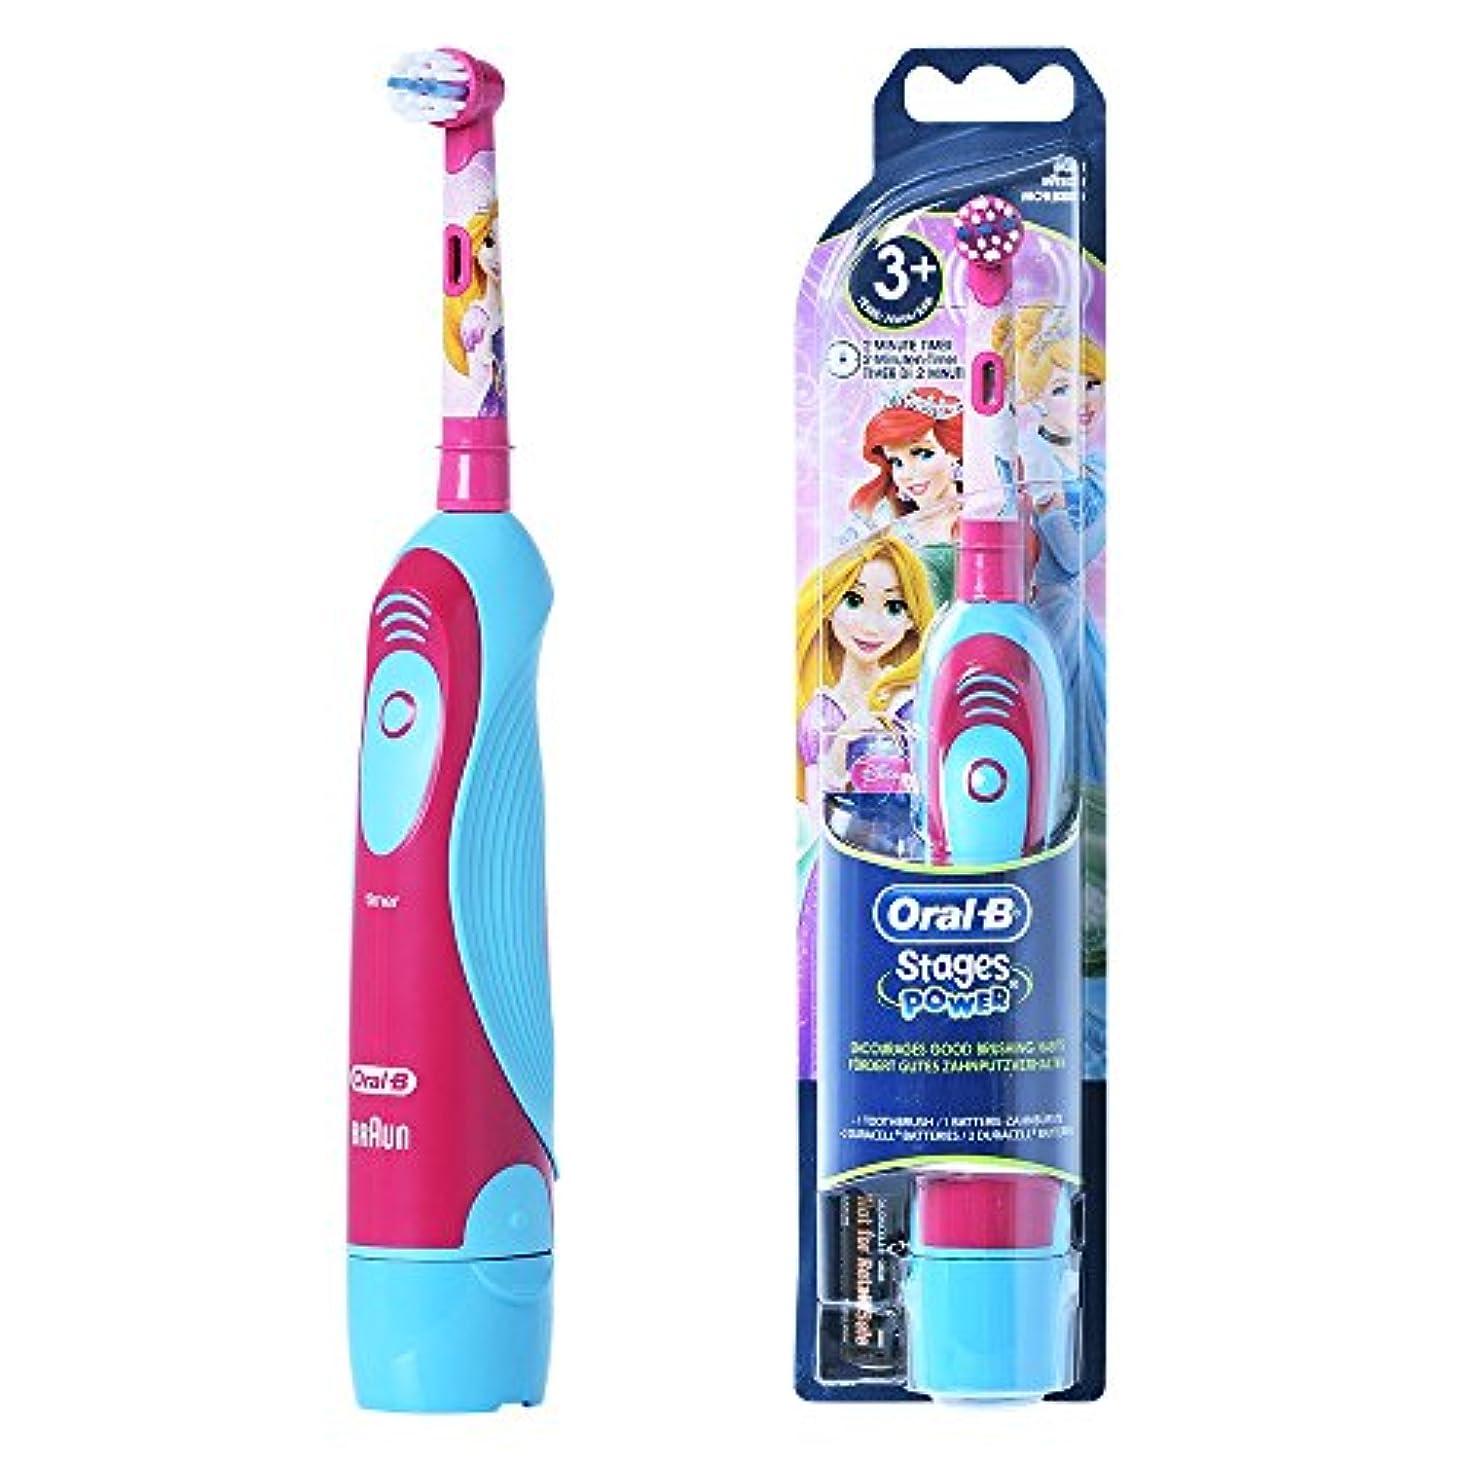 適応する失効ラショナルBraun Oral-B D2 D2010 Disney Princess Kids 電動歯ブラシ [並行輸入品]